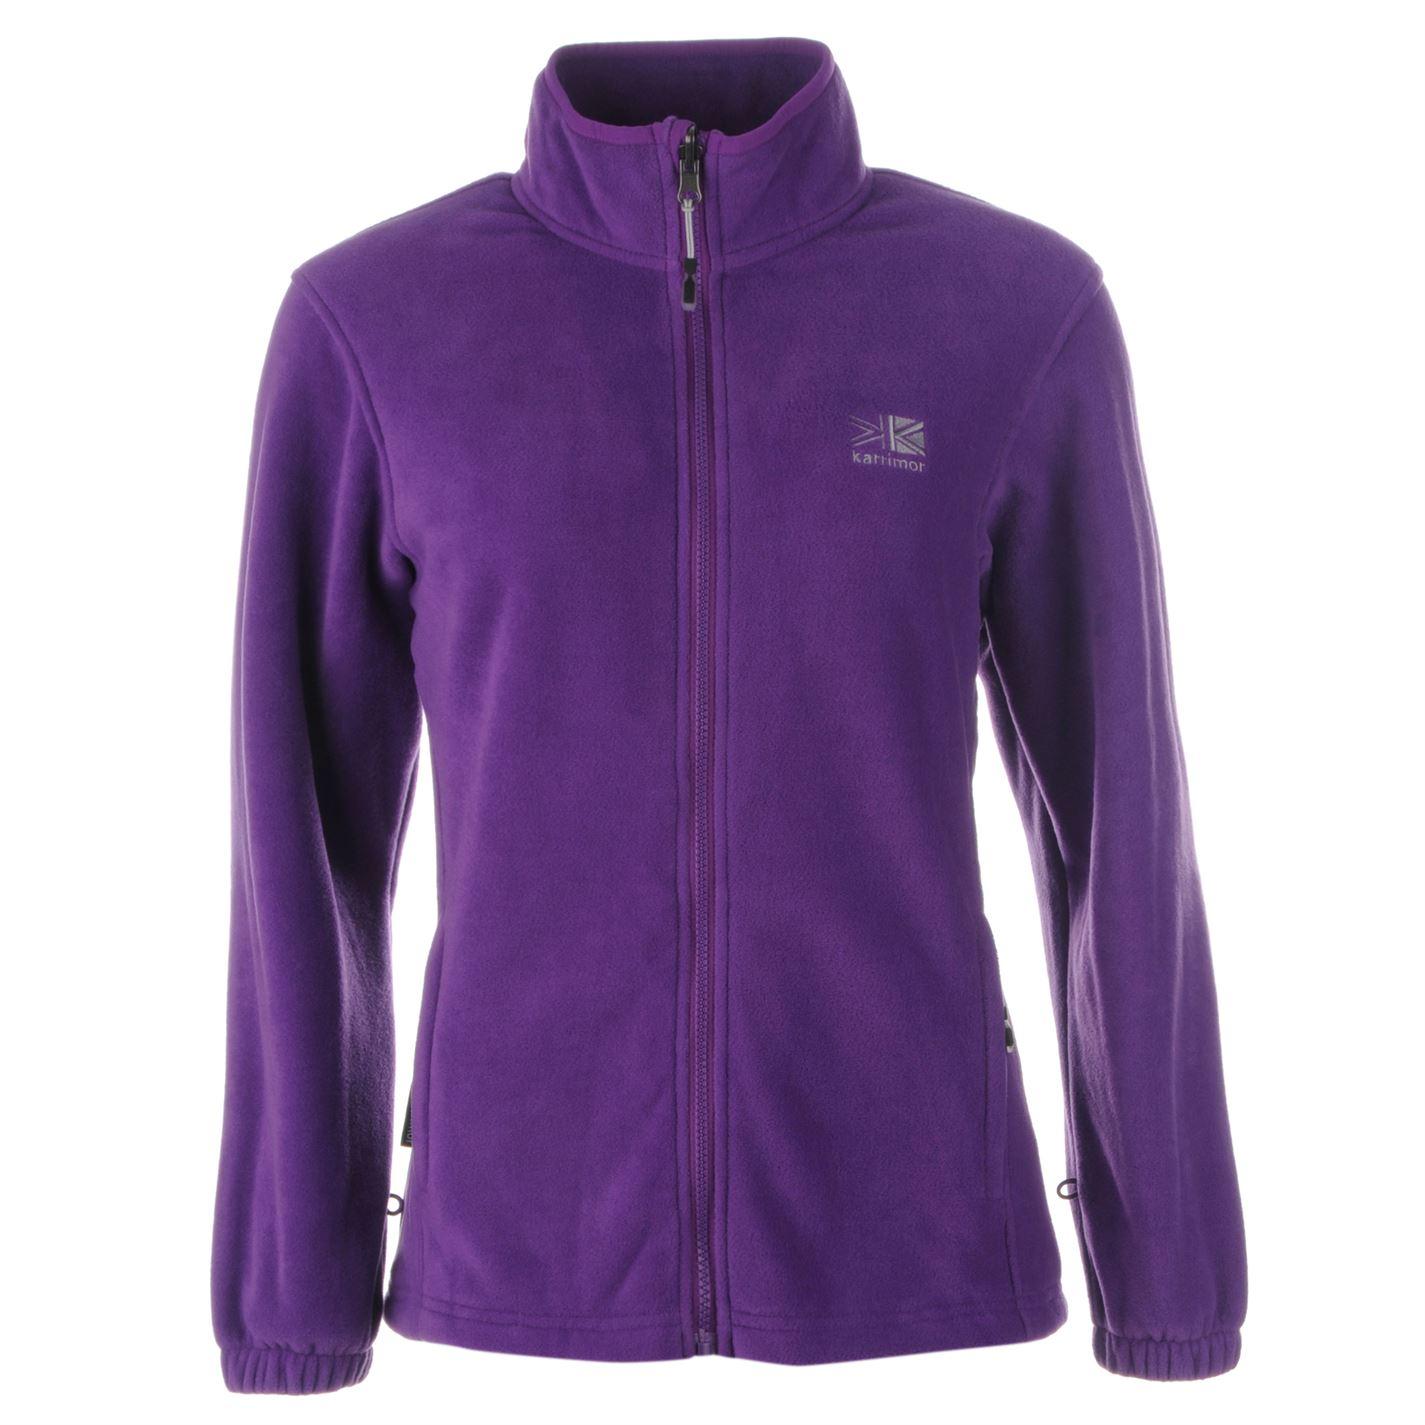 Karrimor Womens 3in1 Jacket Coat Top Ladies Hooded Fleece ...